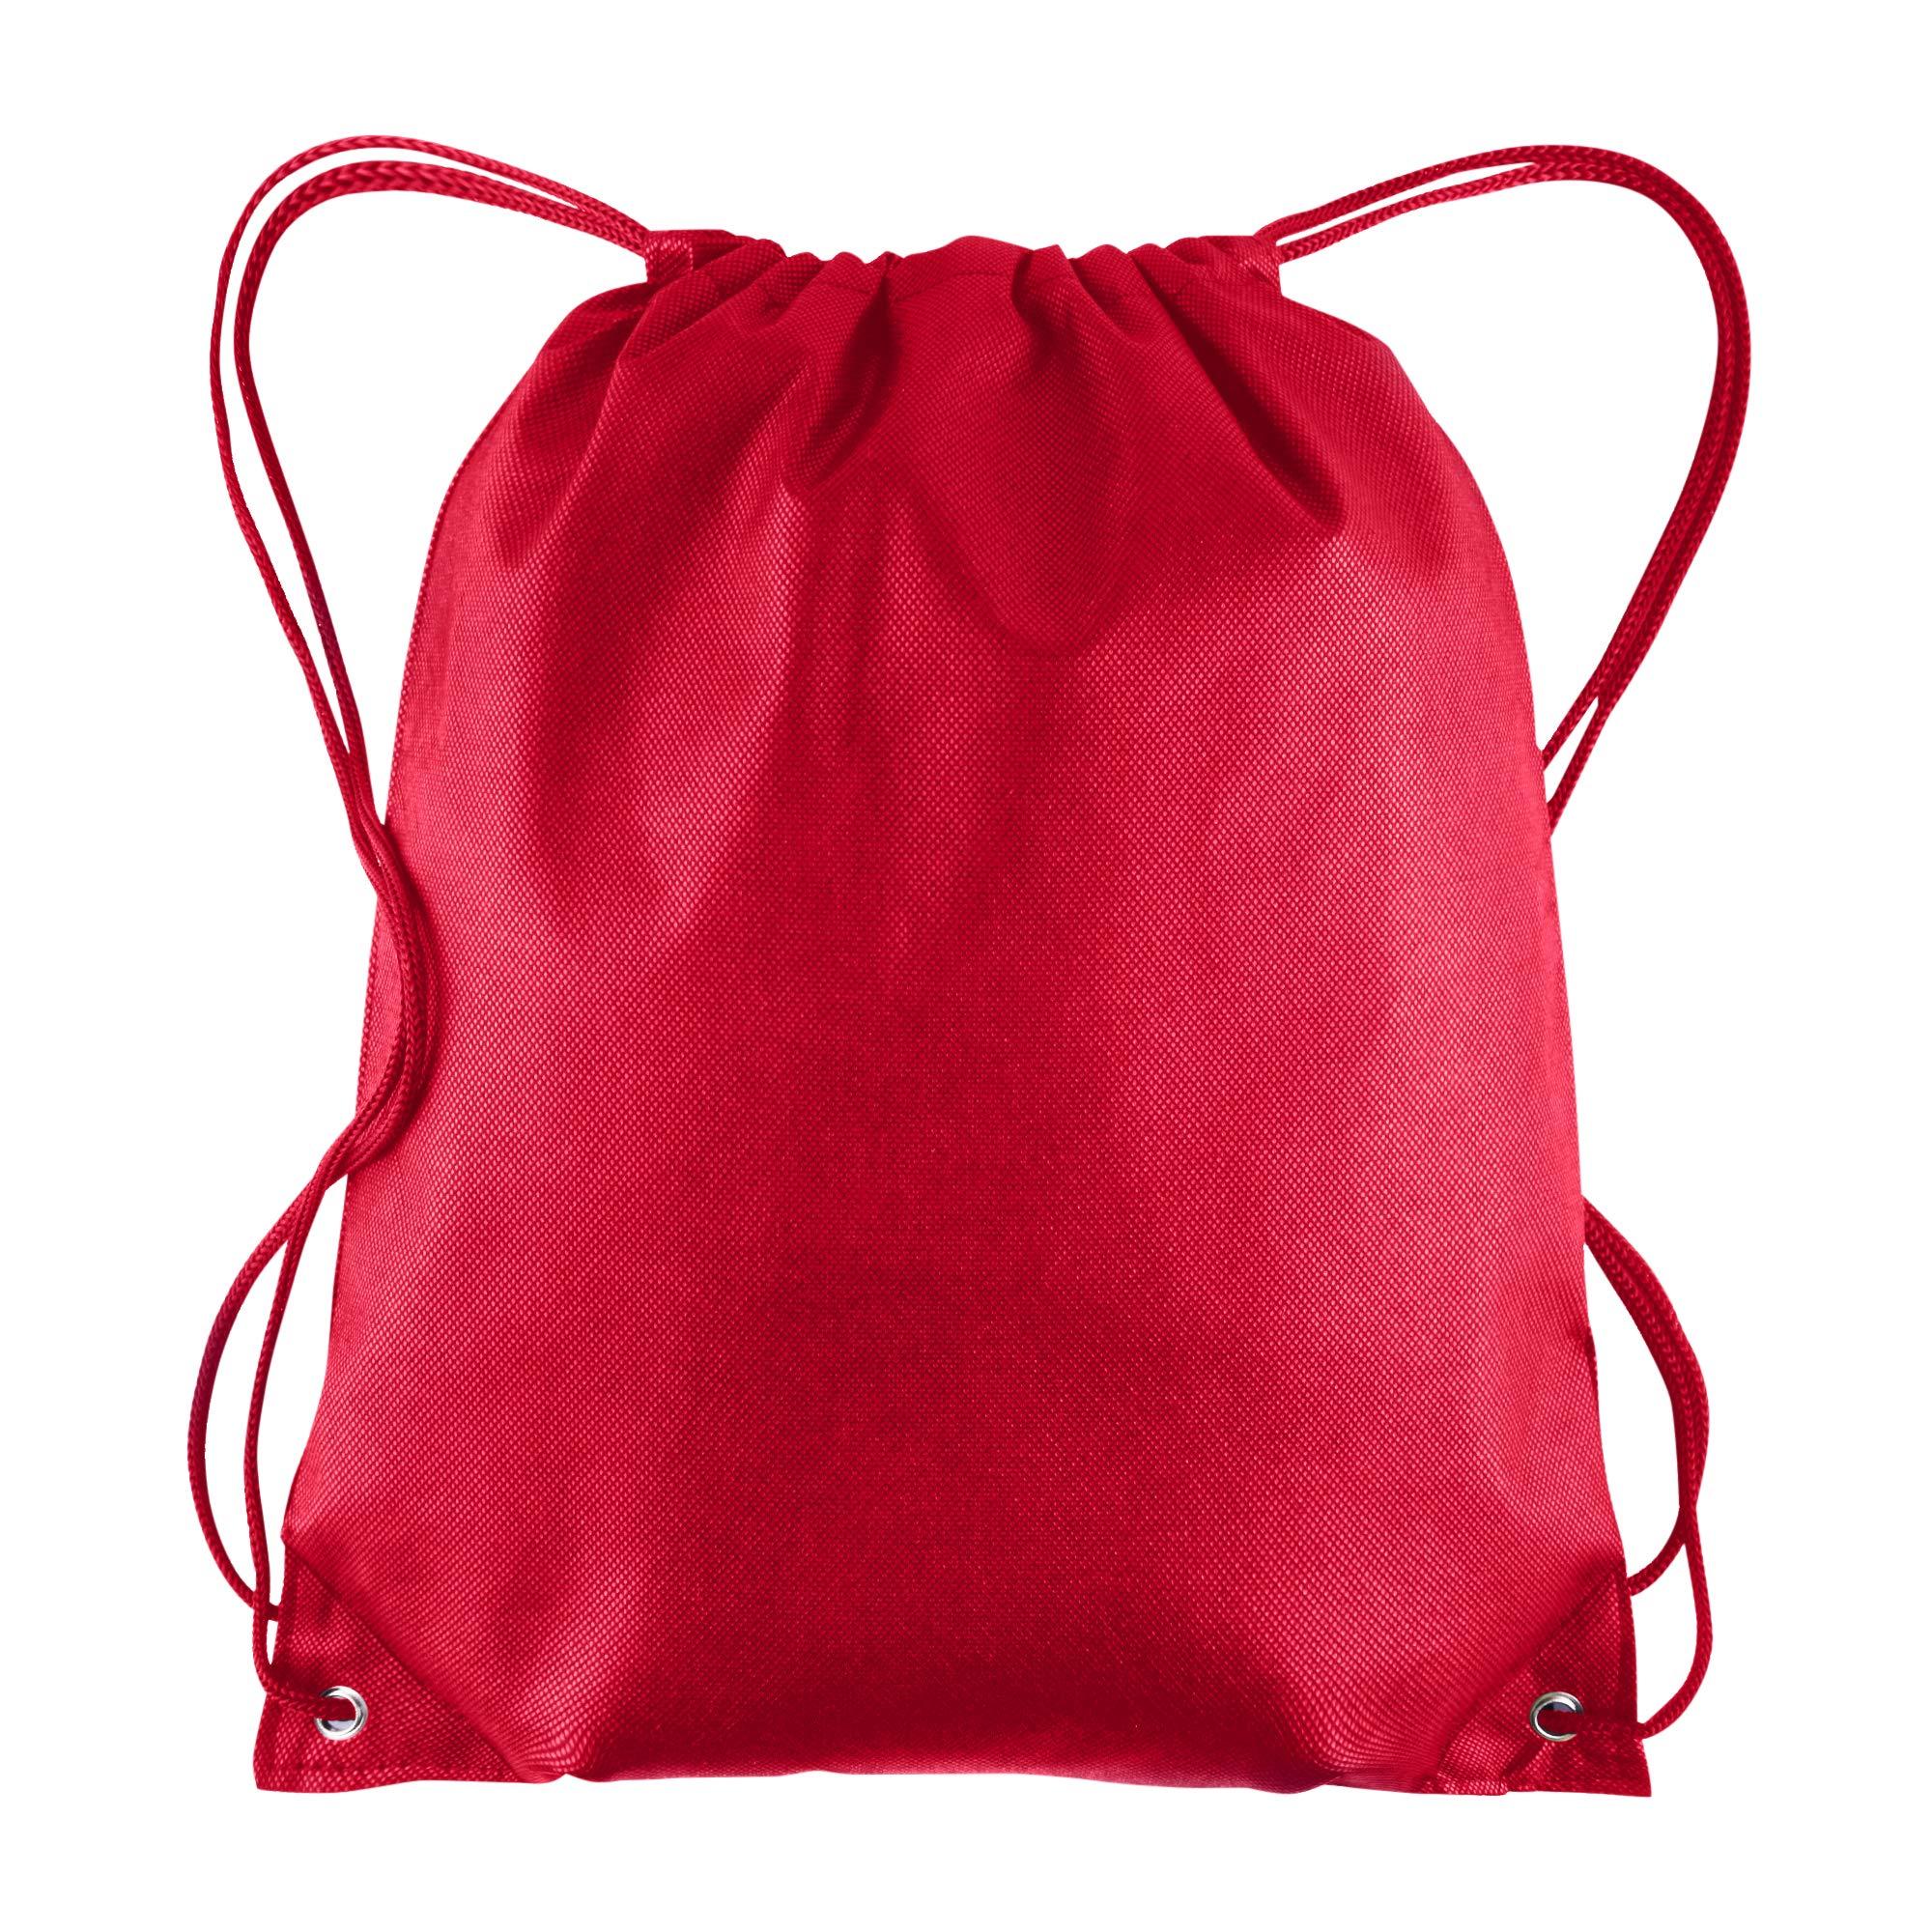 Bright Tie Dye Sports Bag